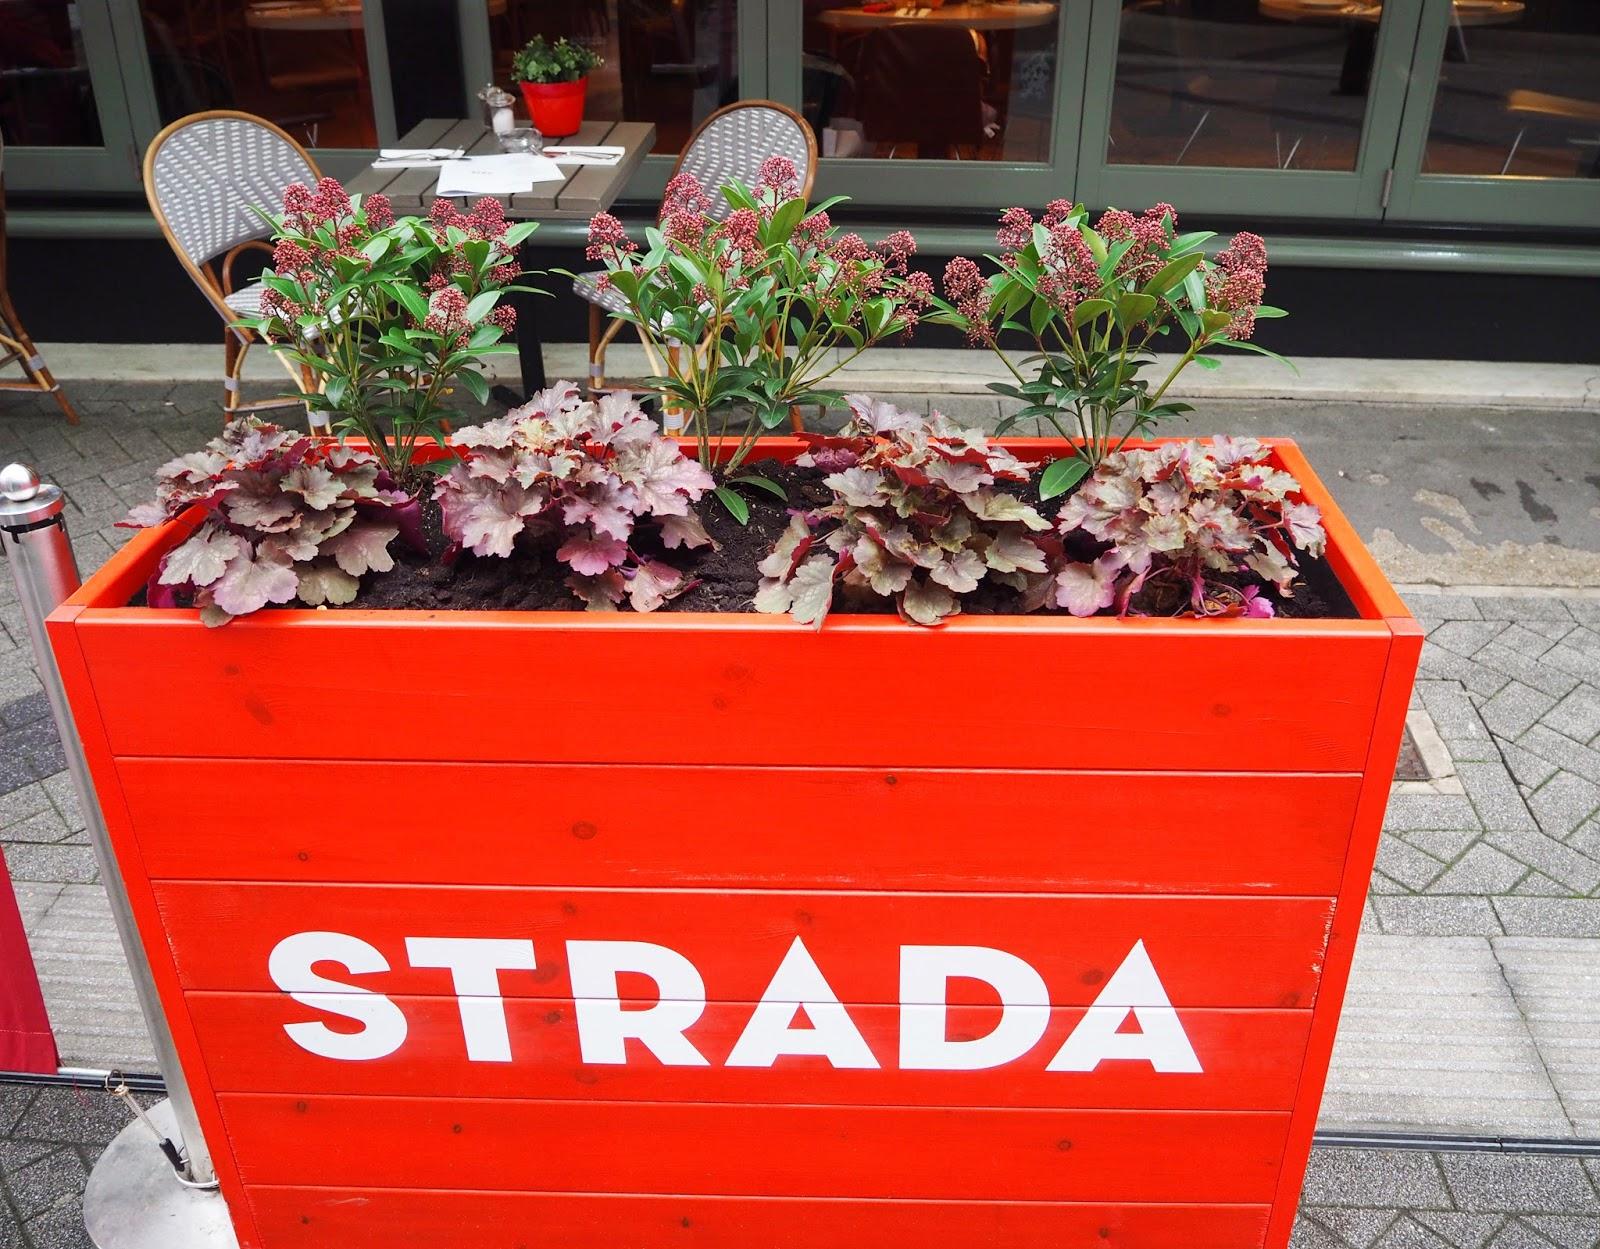 Strada Italian Restaurant, Horsham, UK Blogger, Restaurant Review, Italian Food, Food Blogger West Sussex Blogger, Katie Kirk Loves